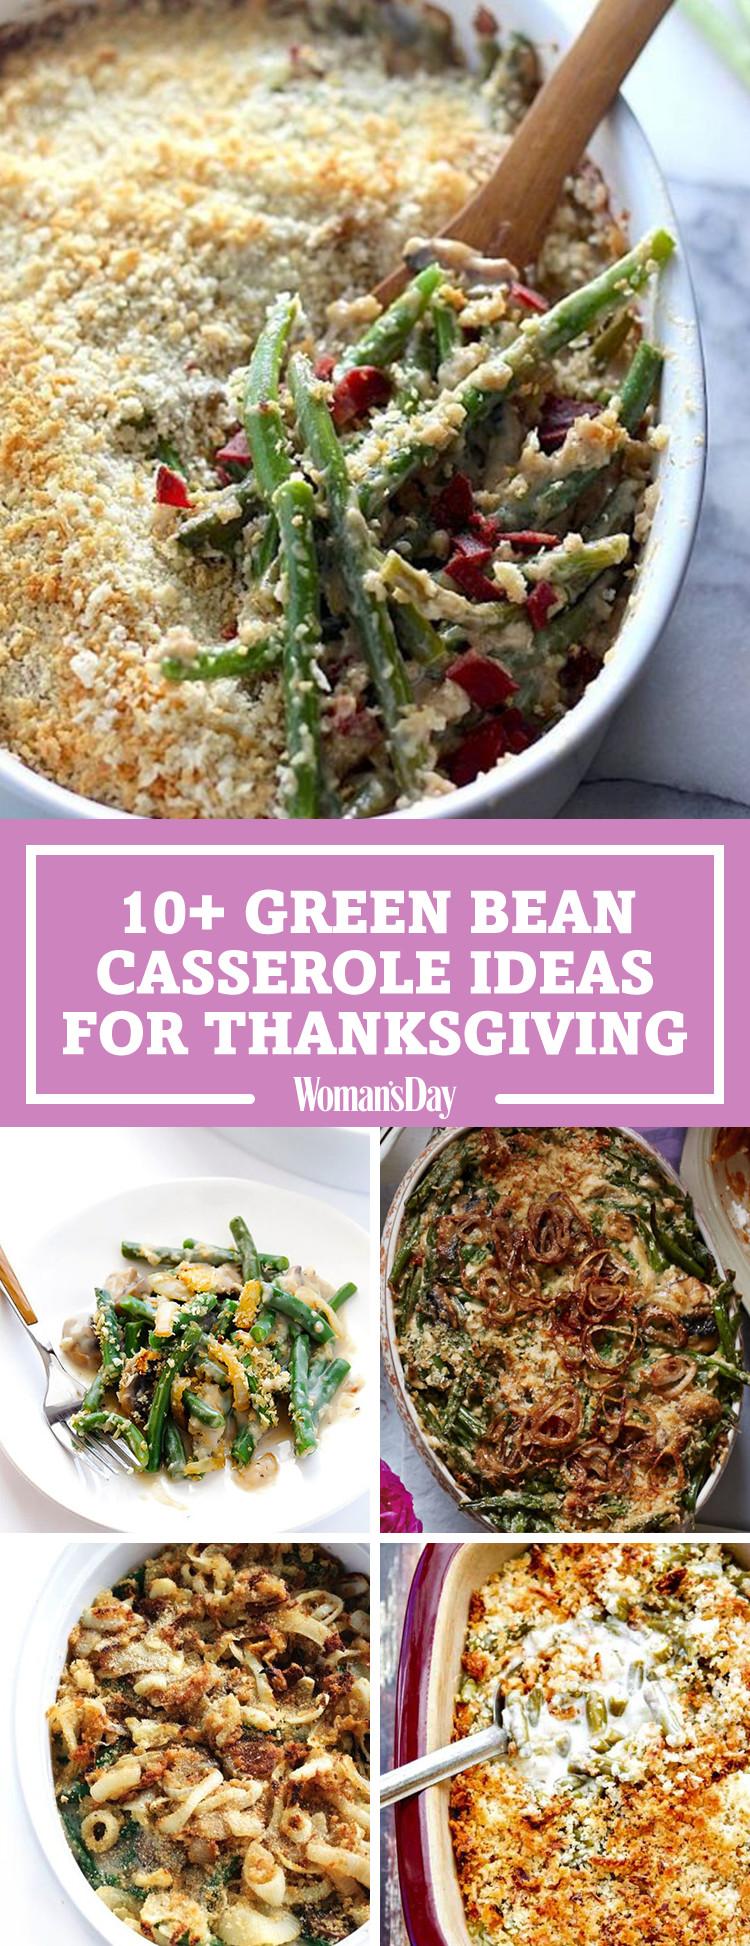 Green Bean Casserole Thanksgiving  12 Easy Green Bean Casserole Recipes Homemade Green Bean